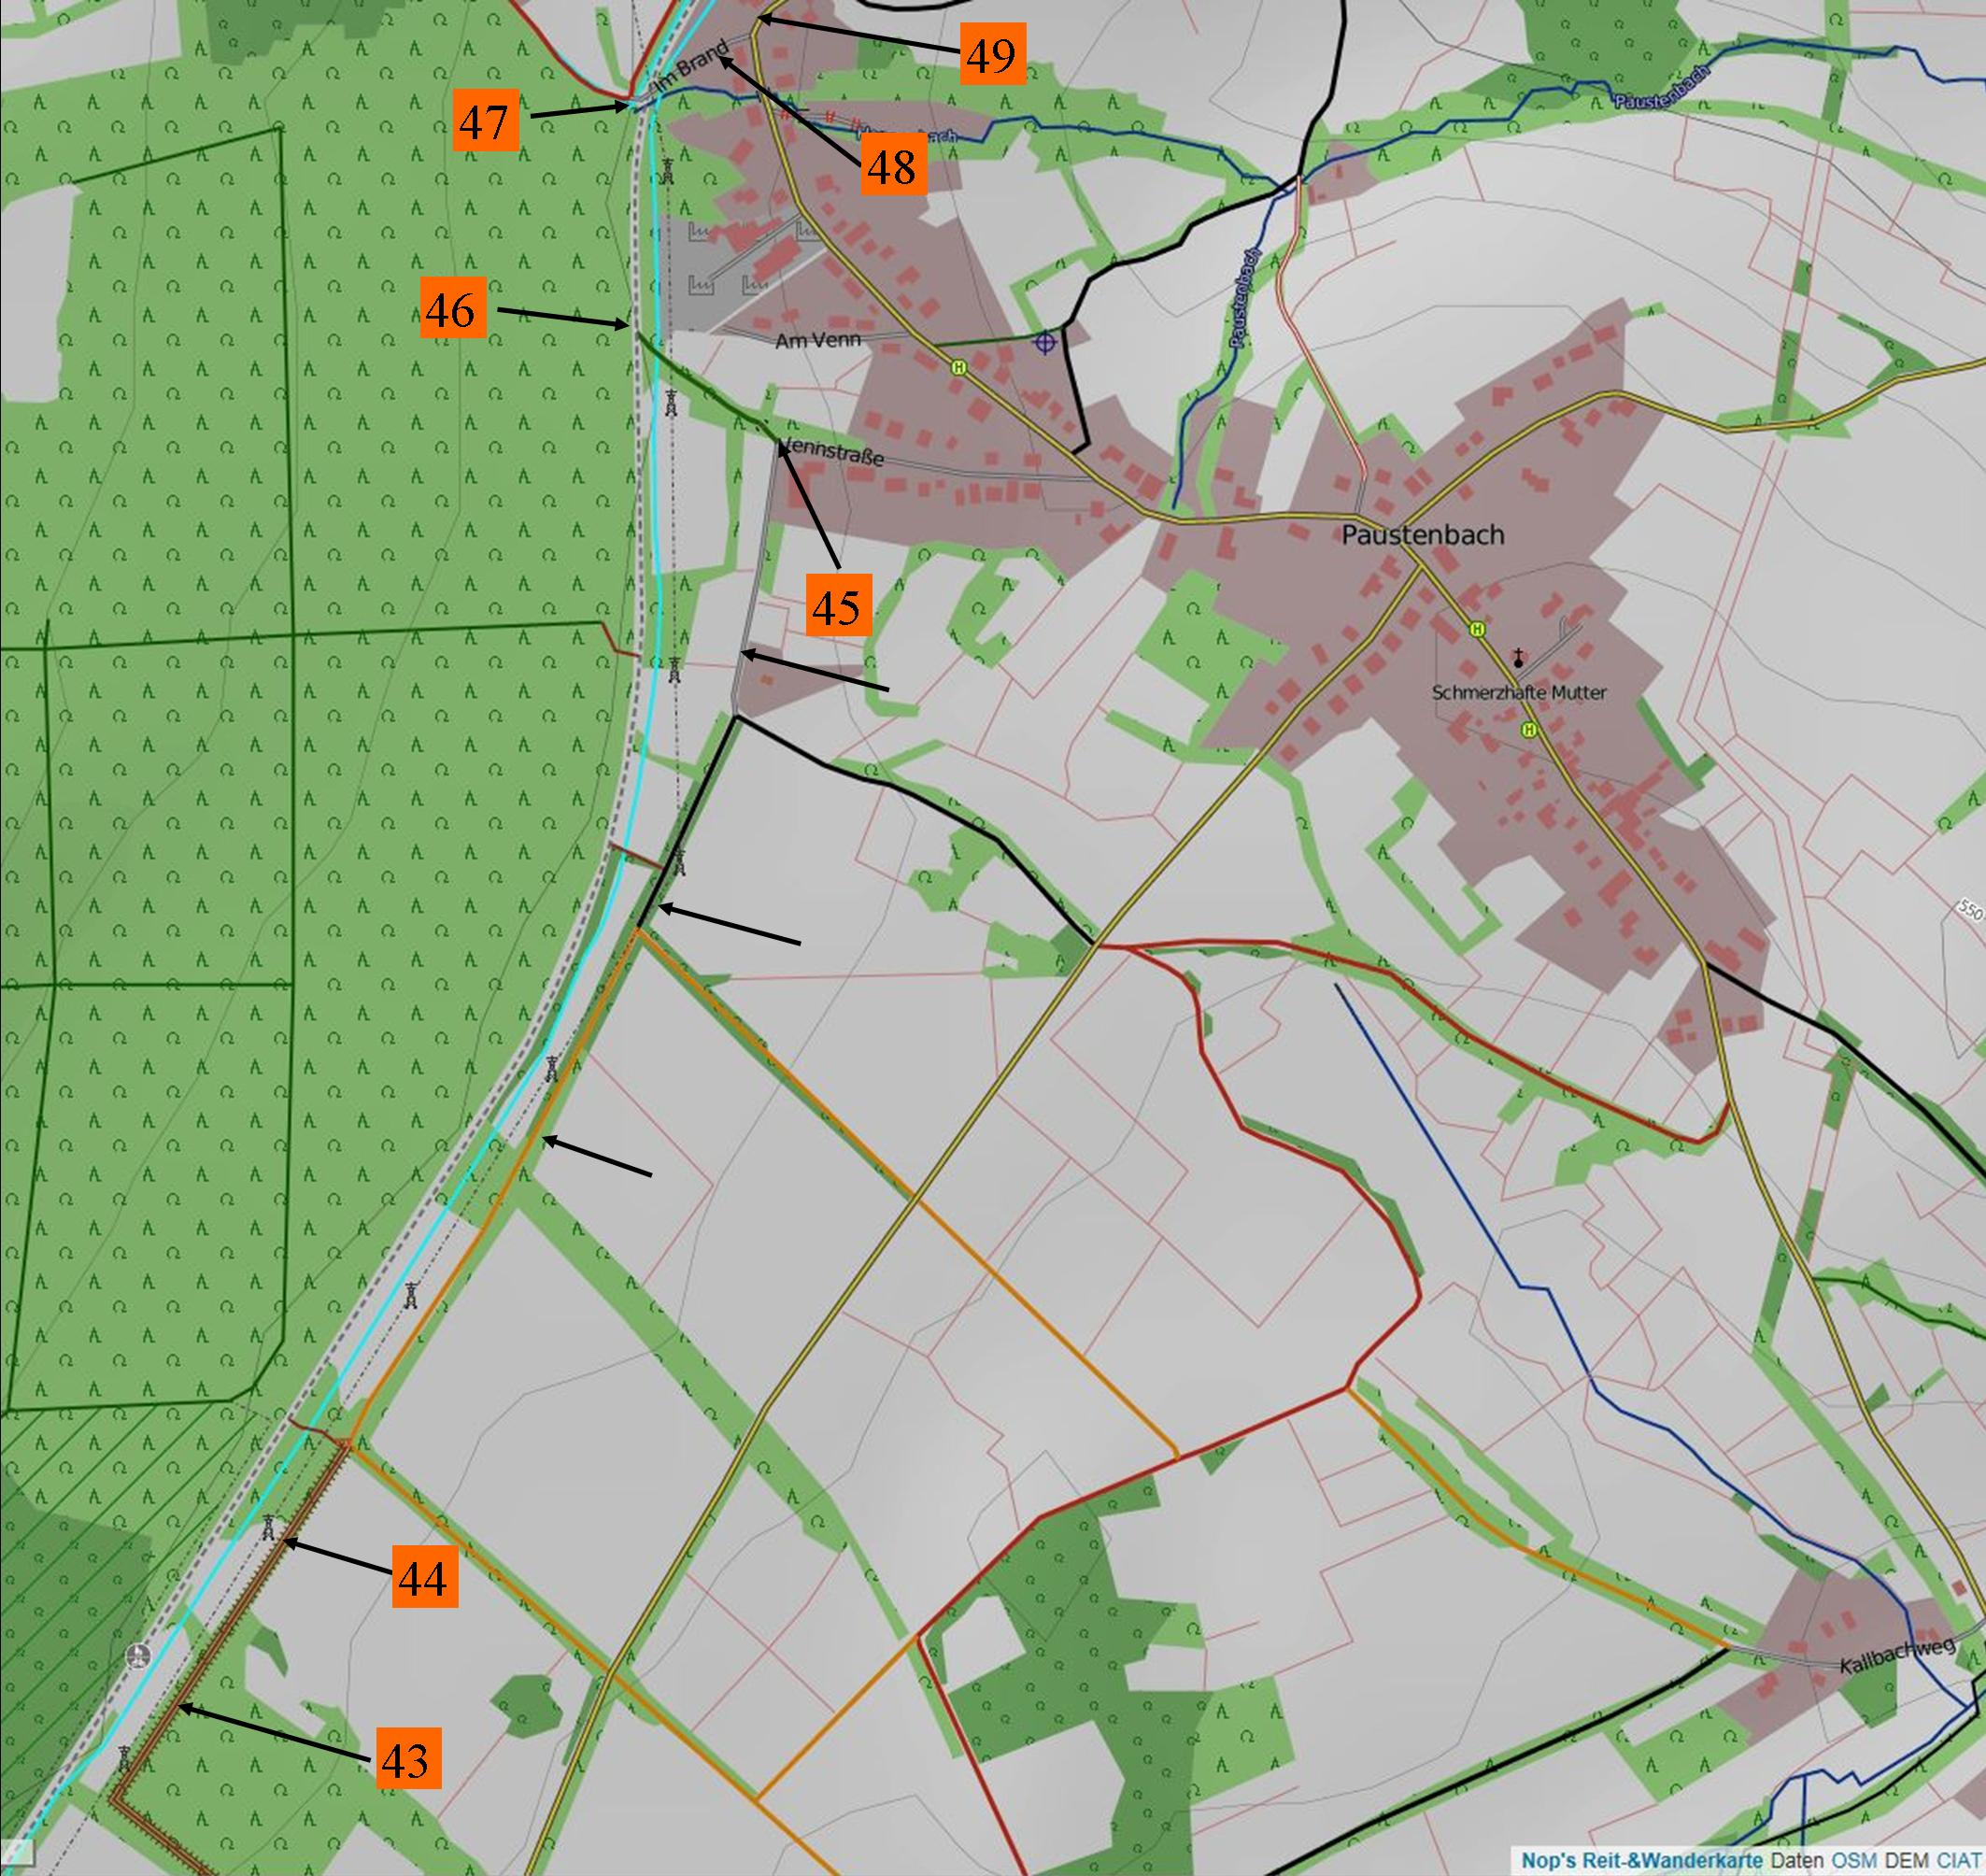 """Wanderung """"Erlebnistour Kall Westwall und angrenzende Moore"""" Karte 3 - Paustenbacher Moor und Tourenende"""